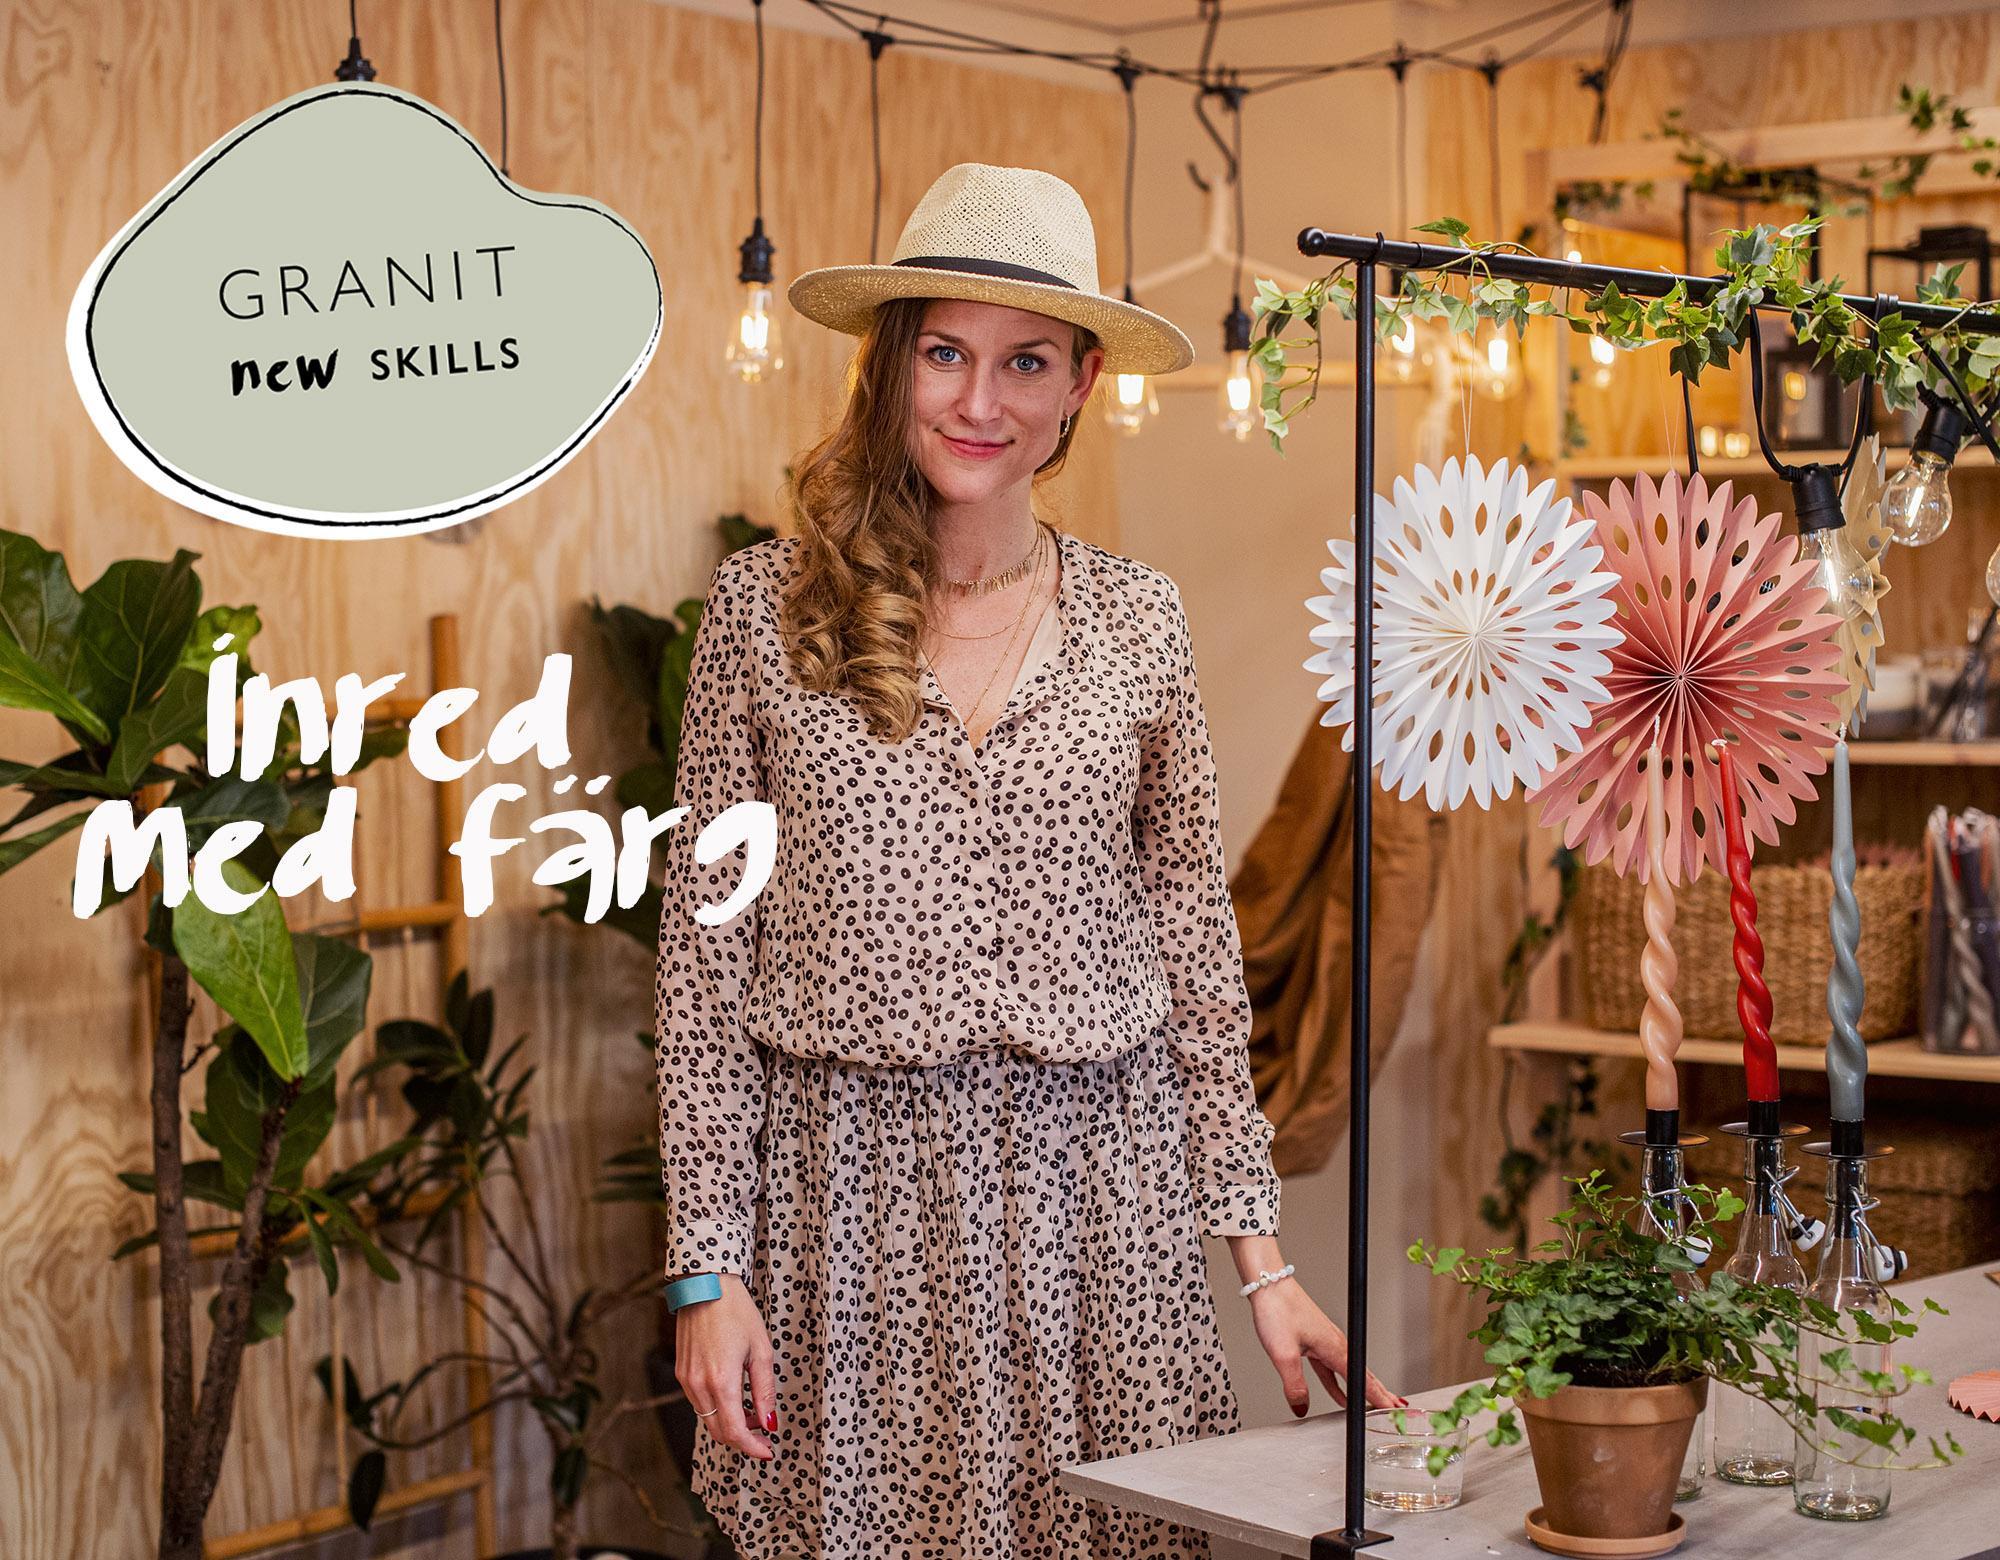 Inred med färg - workshop med Sara Garanty & Skillbreak